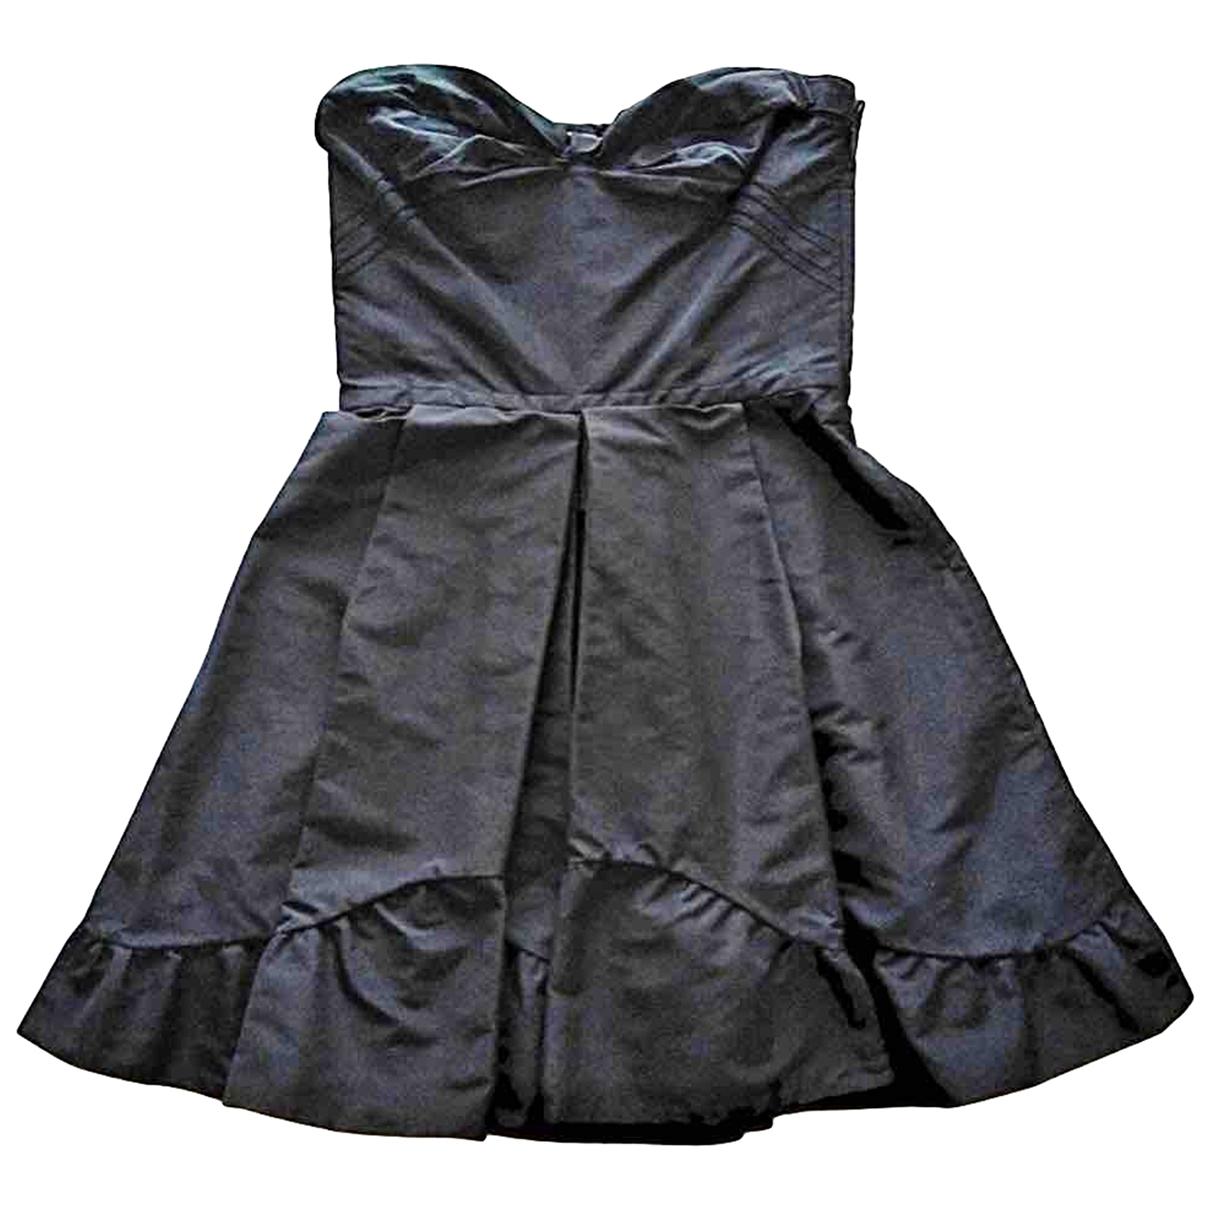 Miu Miu \N Black dress for Women 42 IT